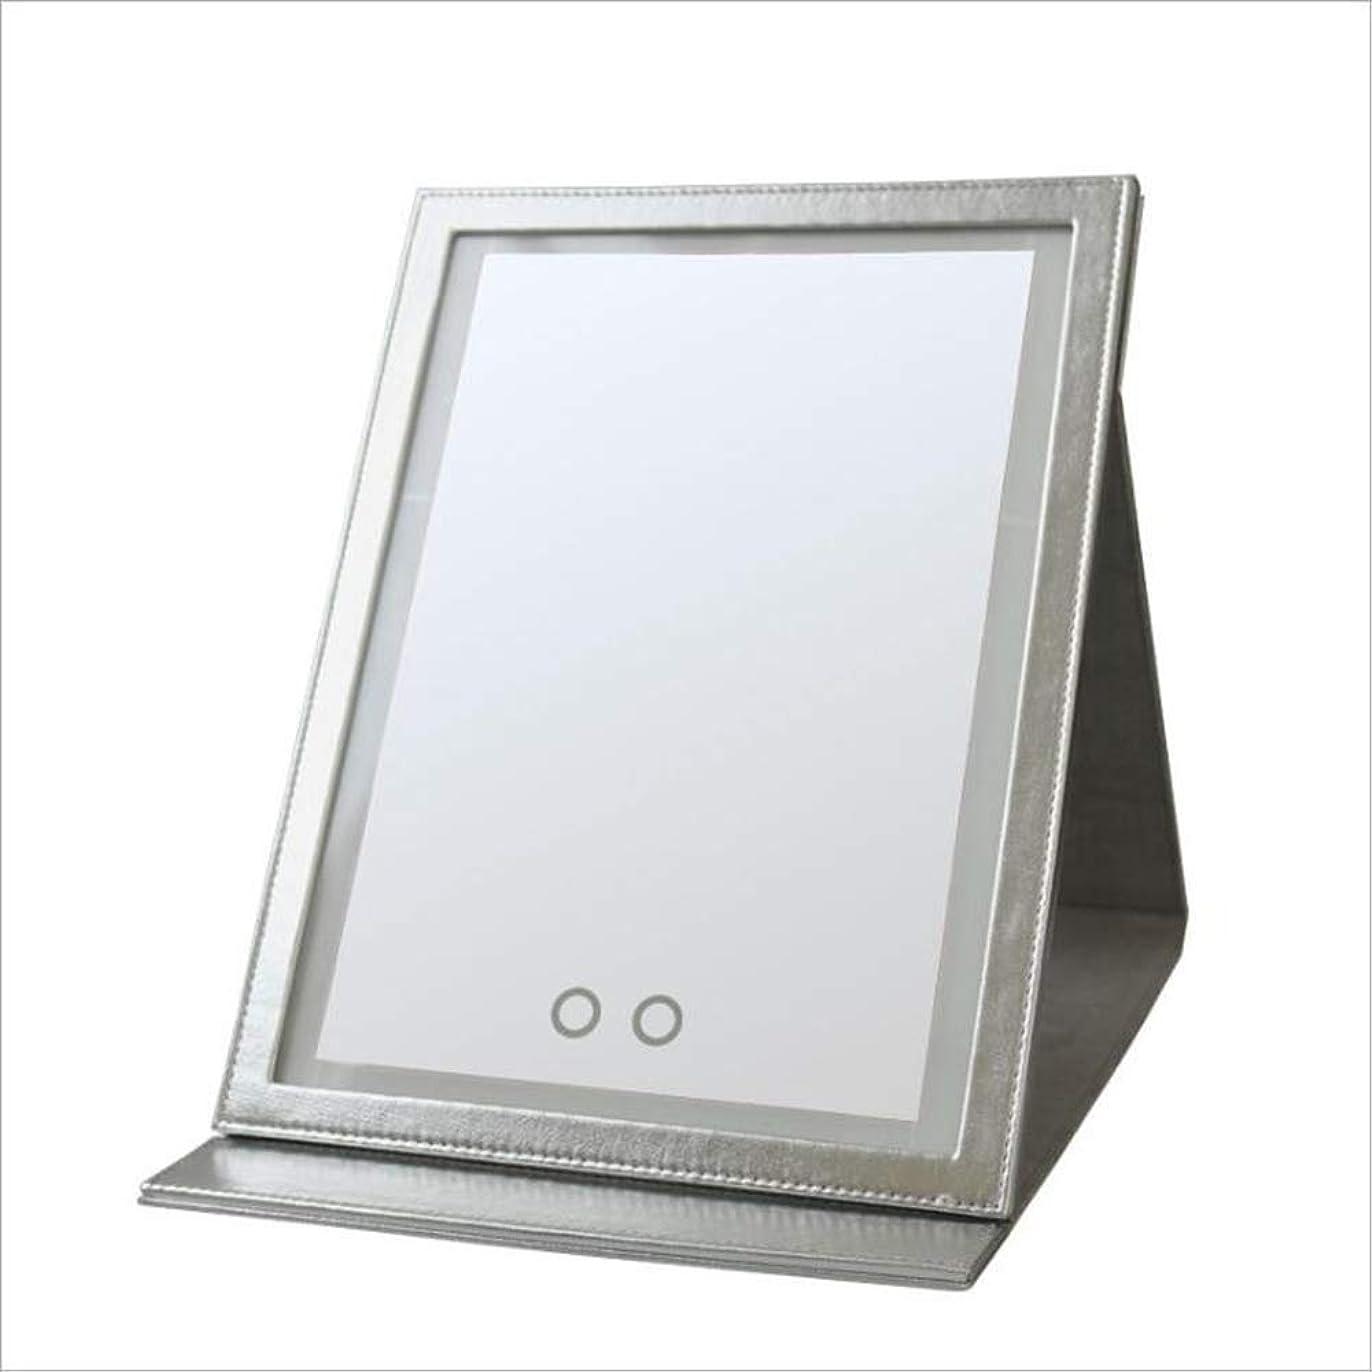 豪華なシンプトンレースLedタッチpuミラーフィルライト美容メイクアップスキンケアミラー化粧鏡デスクトップ化粧鏡ポータブル折りたたみミラー